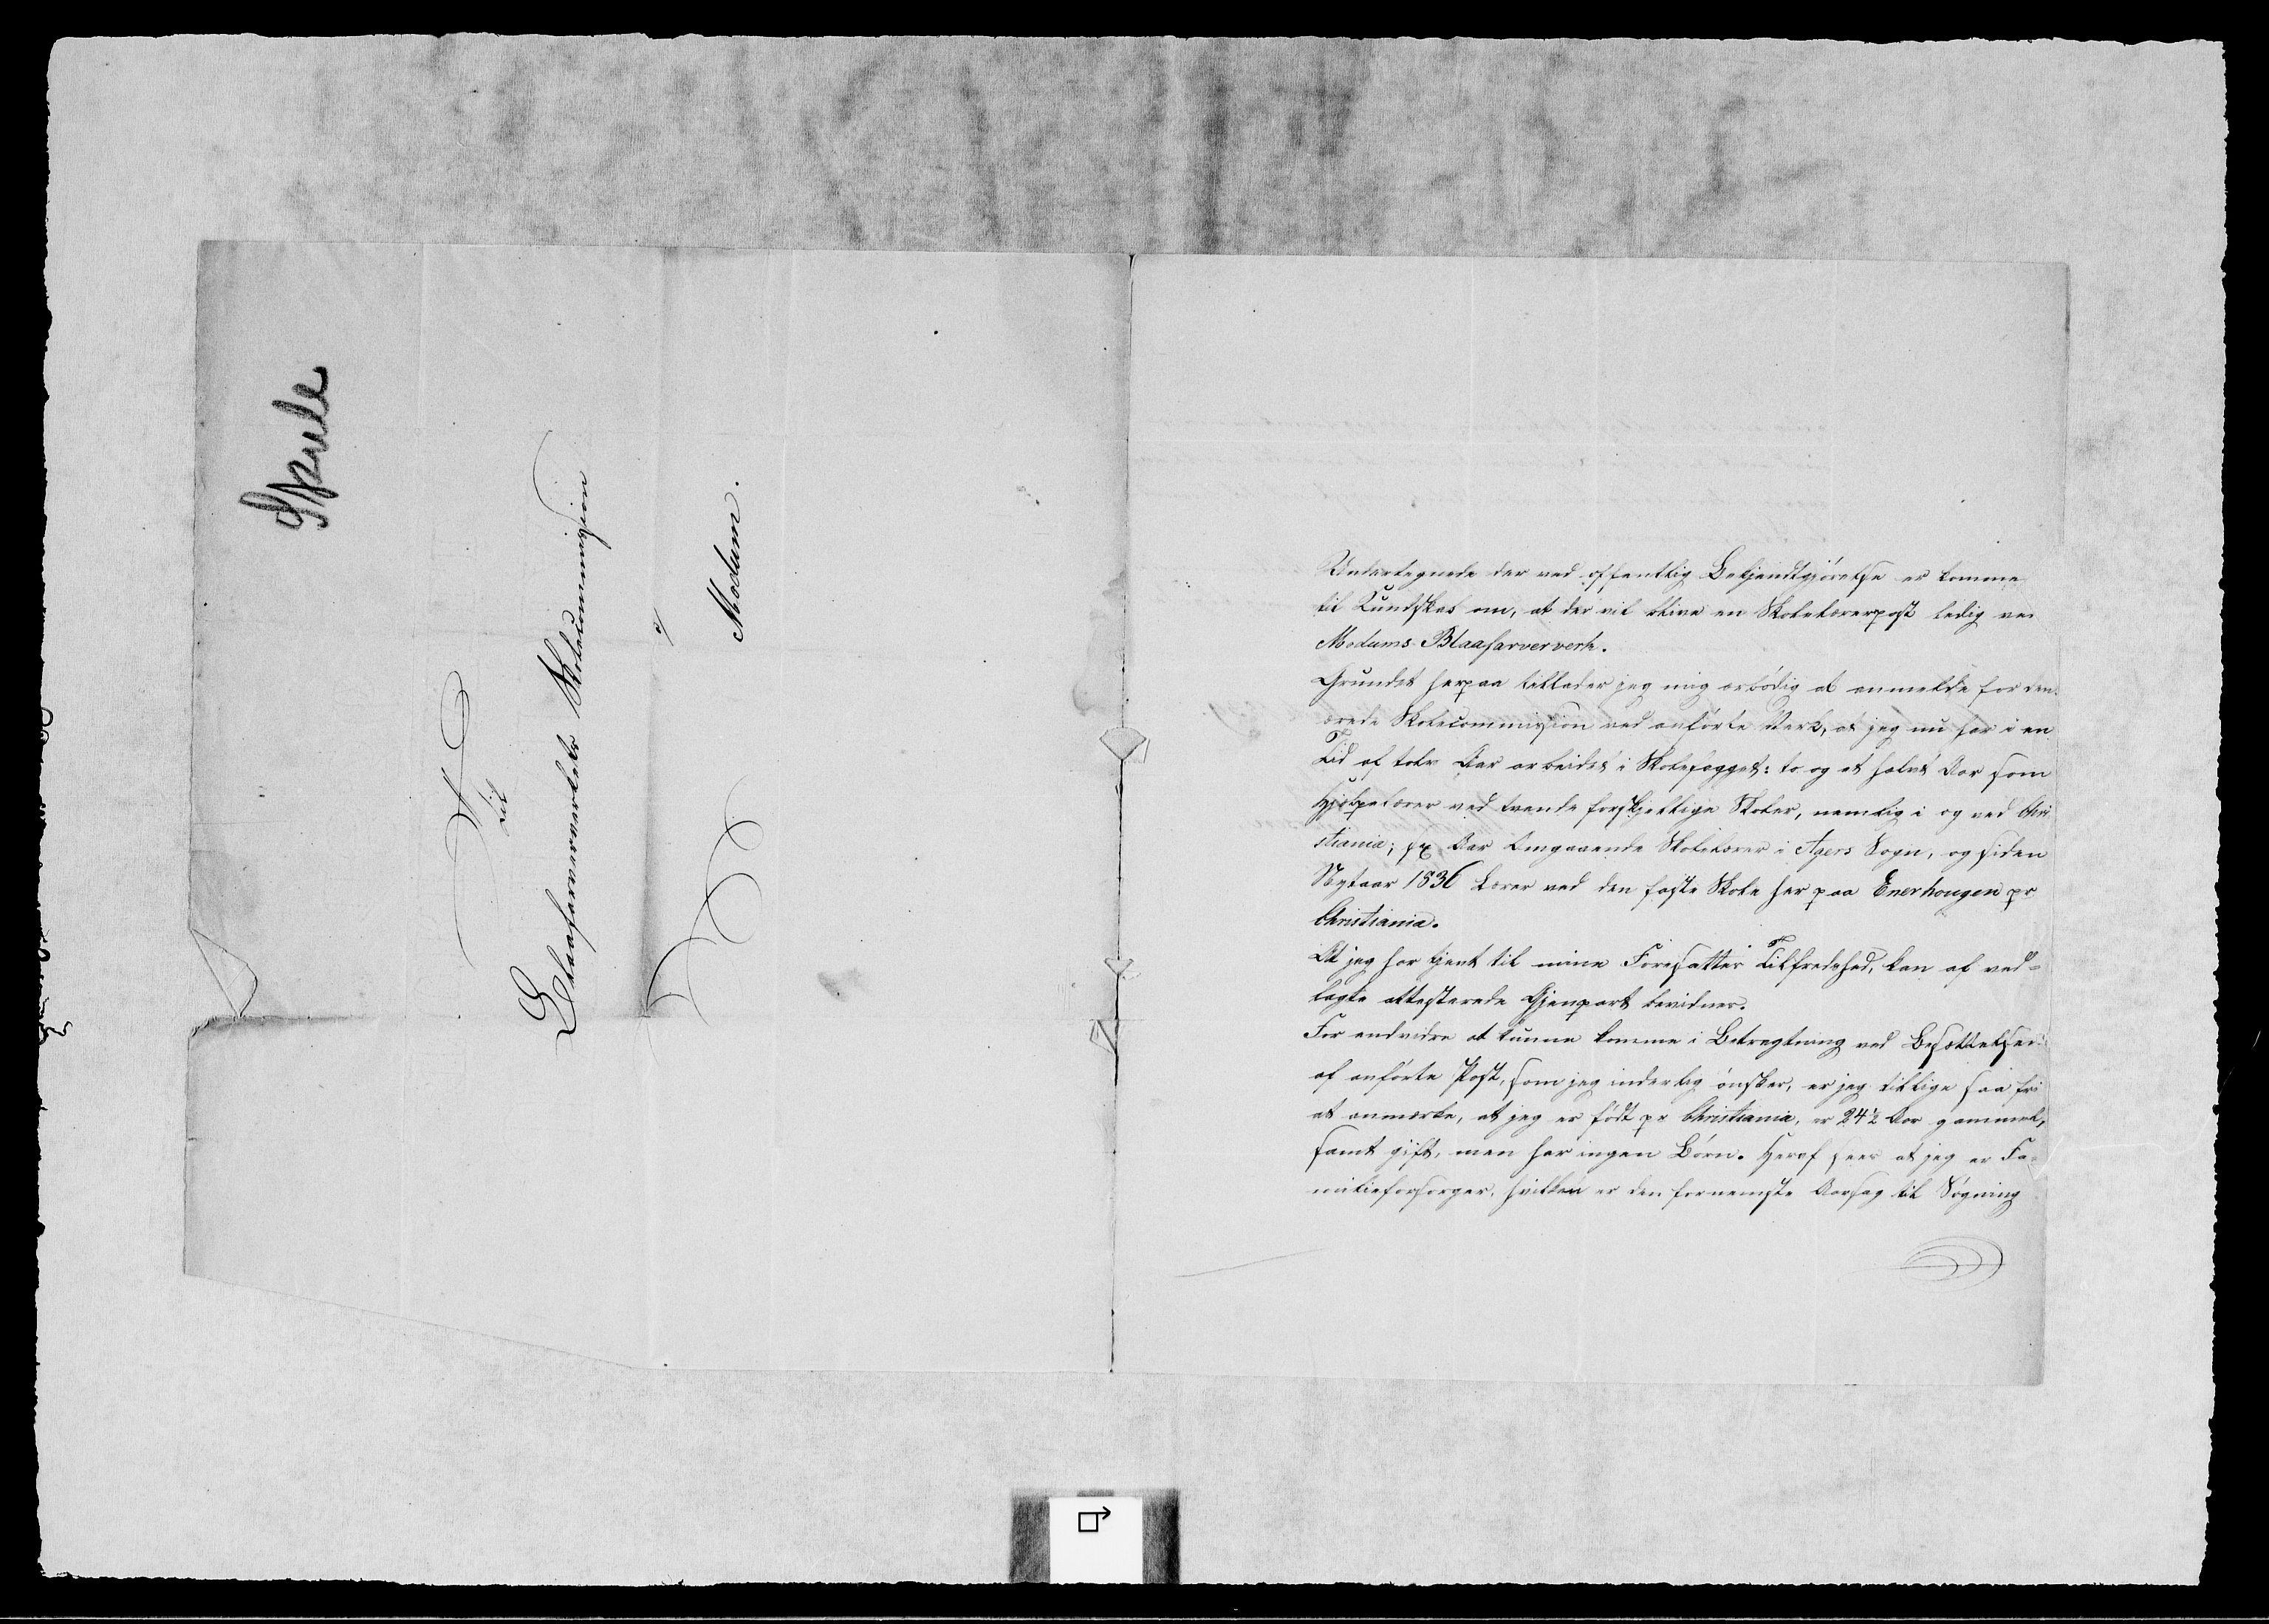 RA, Modums Blaafarveværk, G/Gb/L0123, 1839-1840, s. 2